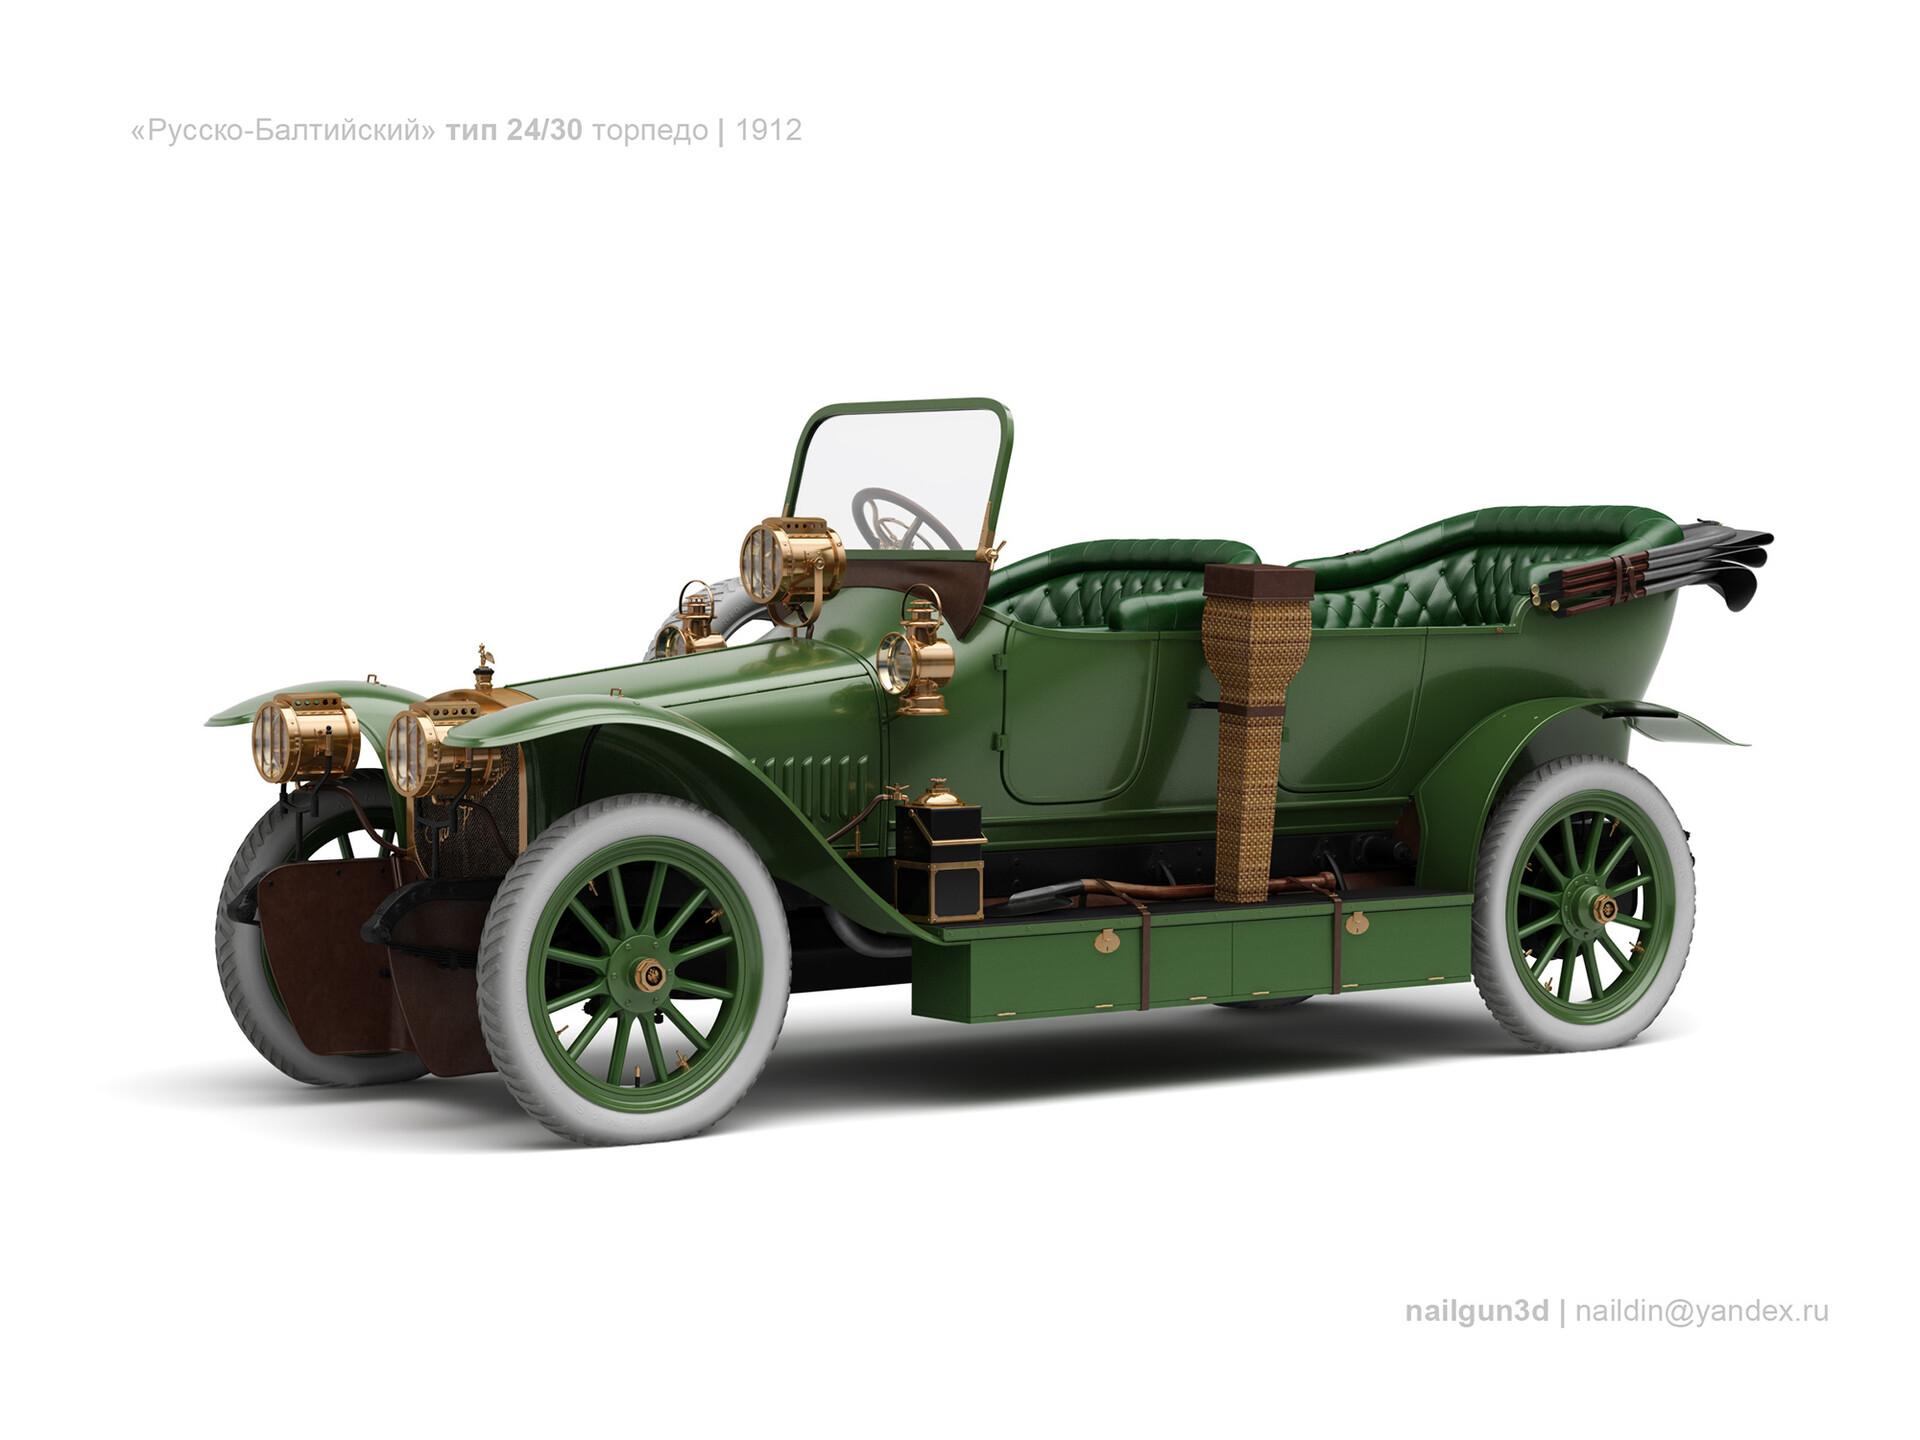 Nail khusnutdinov ussr russia russo balt c24 30 1912 0